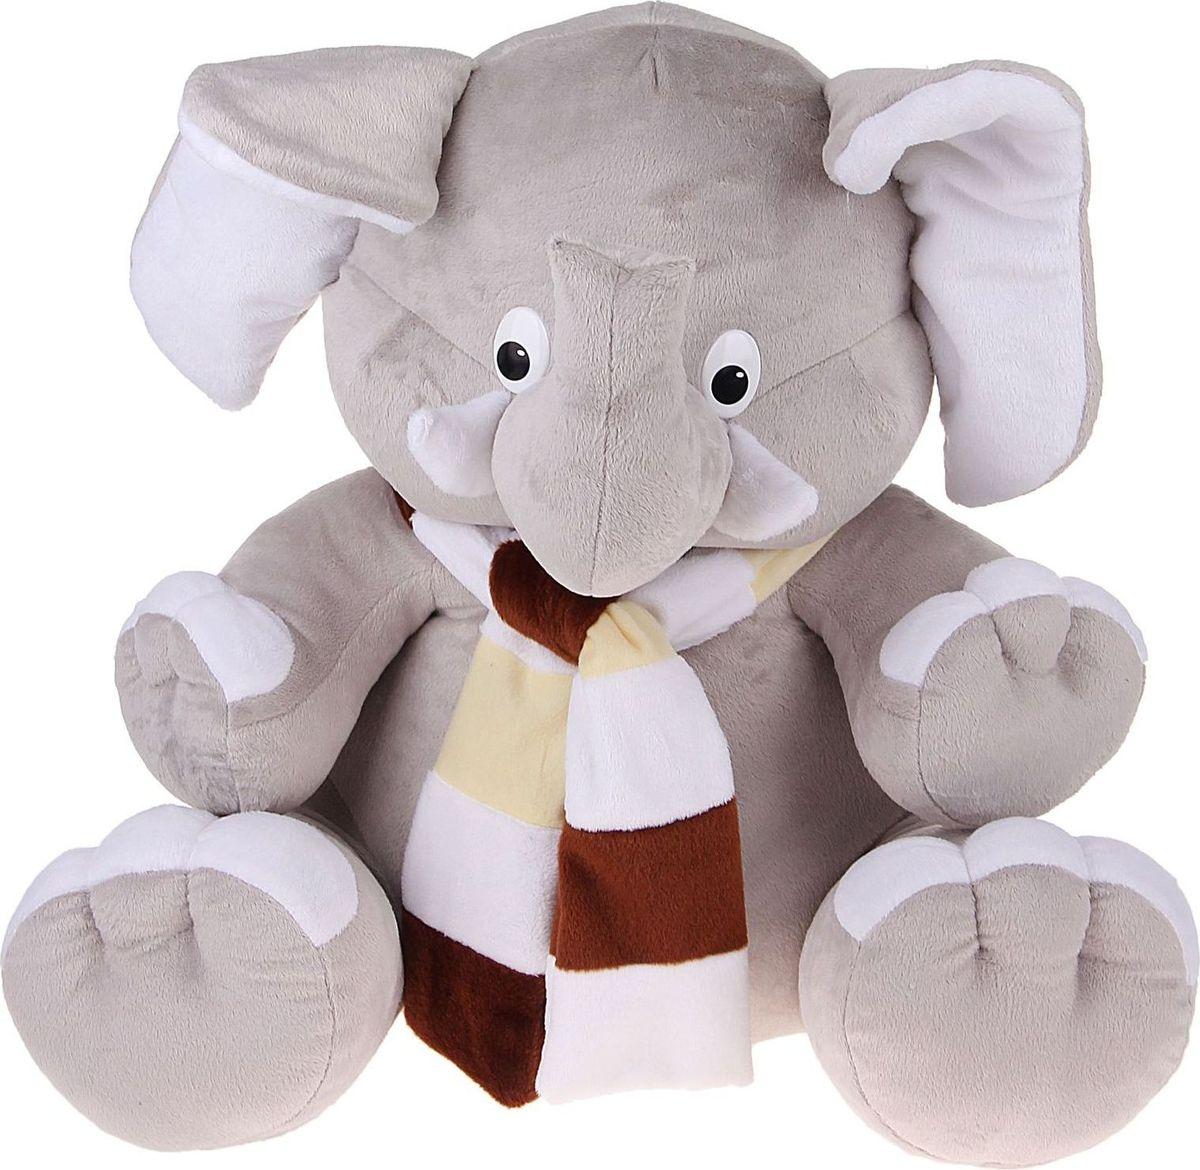 Sima-land Мягкая игрушка Слон Джими 53 см